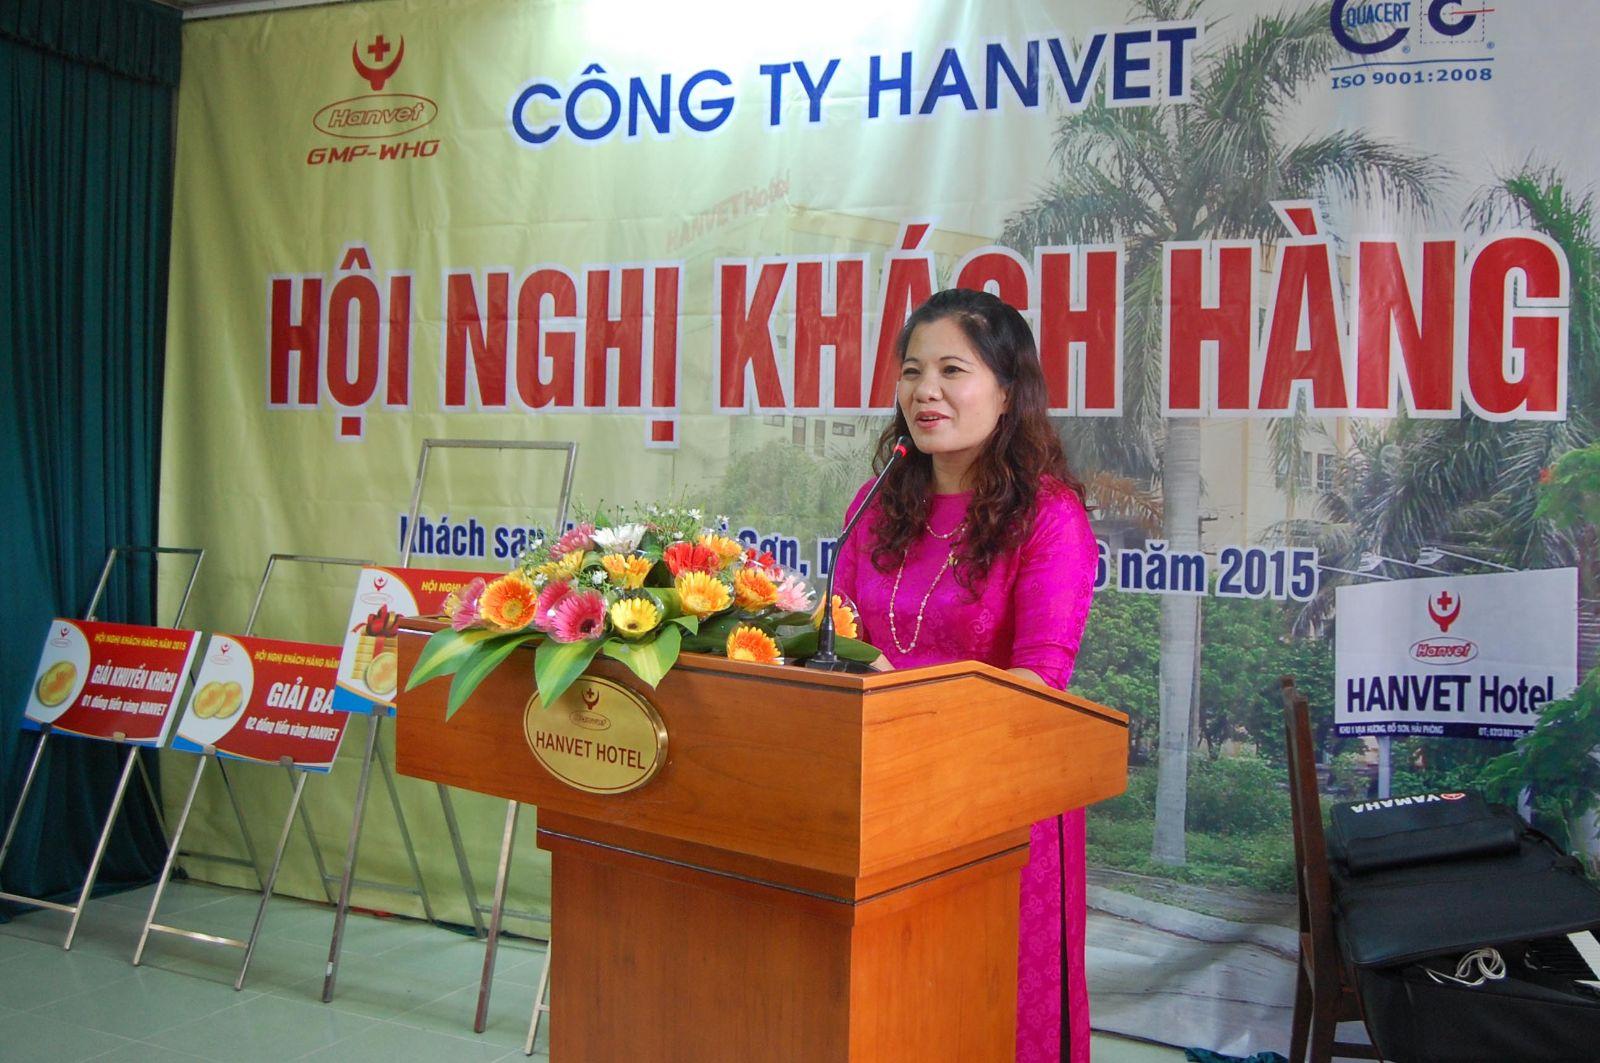 Hội nghị khách hàng 2015 của công ty Hanvet- Tại Khách sạn Hanvet - Đồ Sơn, Hải Phòng